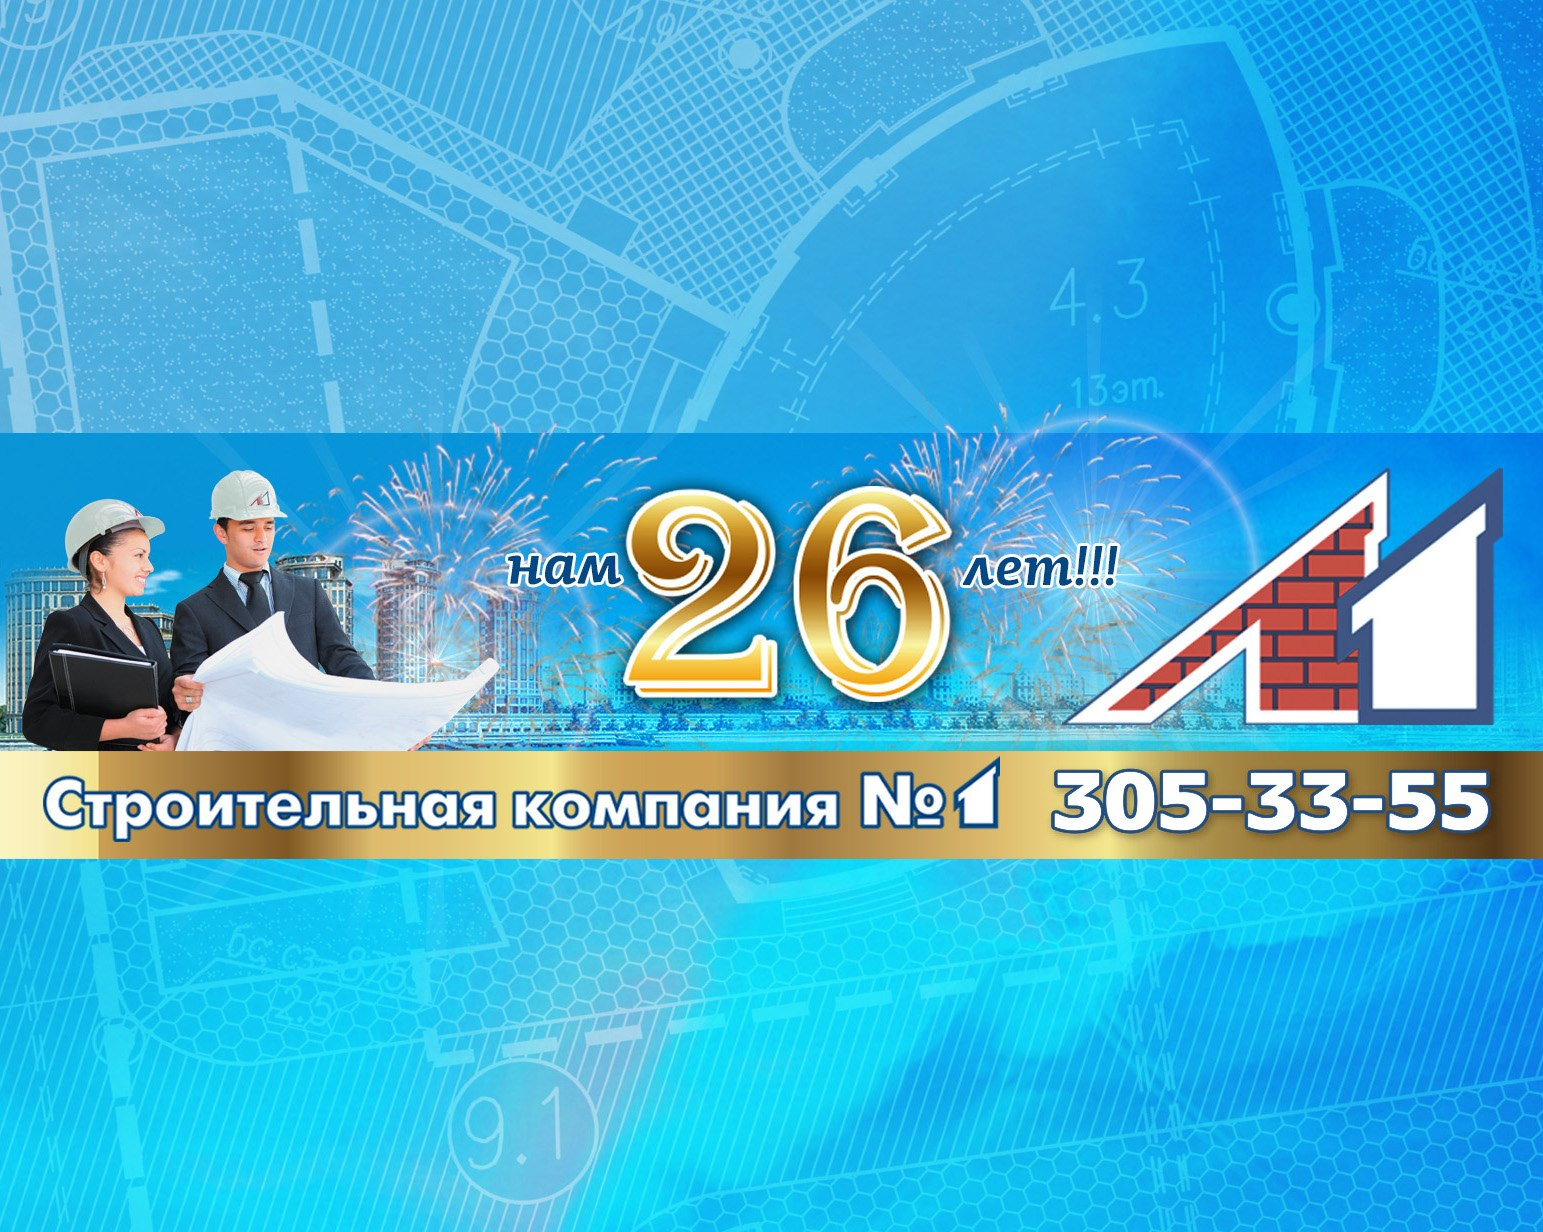 Лек строительная компания Ижевск варшавская д 23 двк триэс строительная компания